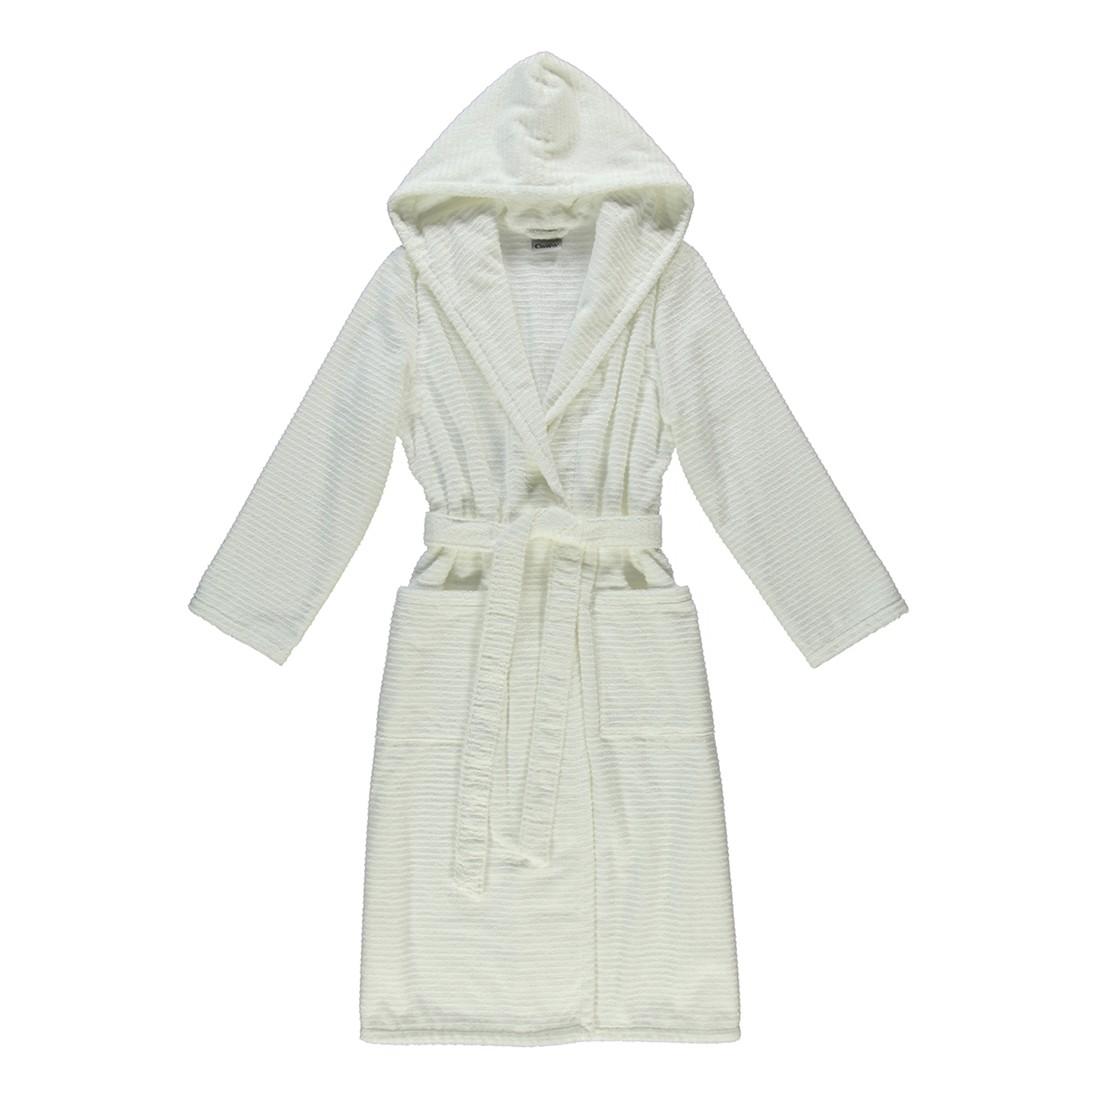 Bademantel Contour 1231 – Damen – 100% Baumwolle Weiß – 600 – Größe: L, Cawö kaufen